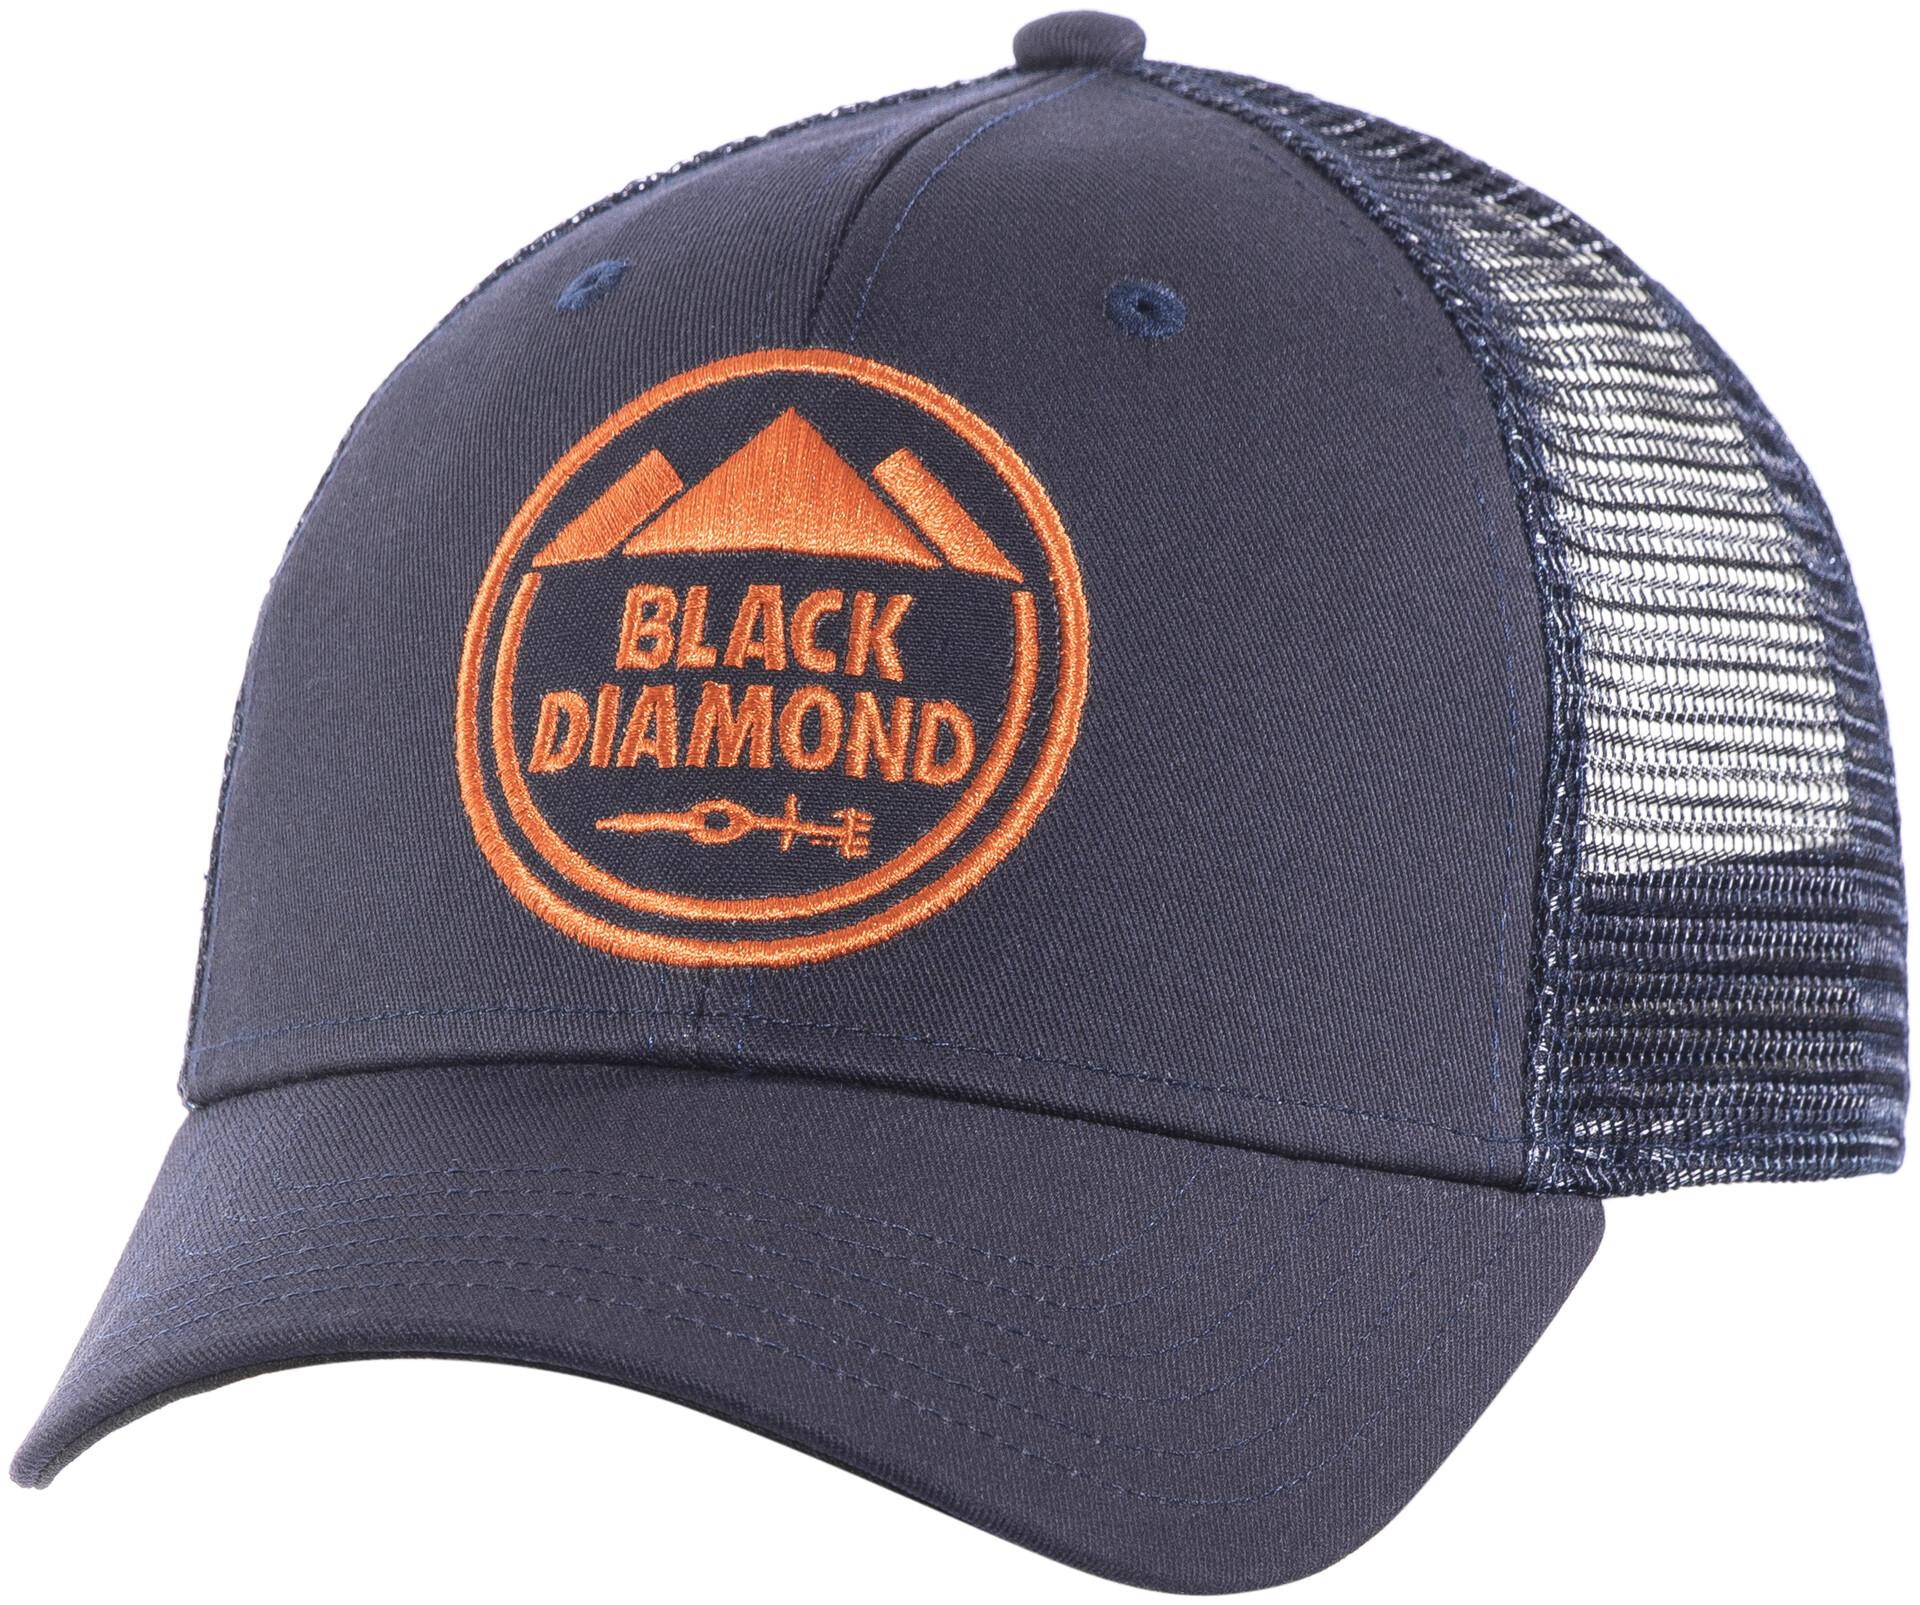 Black diamond trucker hat captain redwood jpg 2221x1857 Black diamond all trucker  hats edae2d67e864